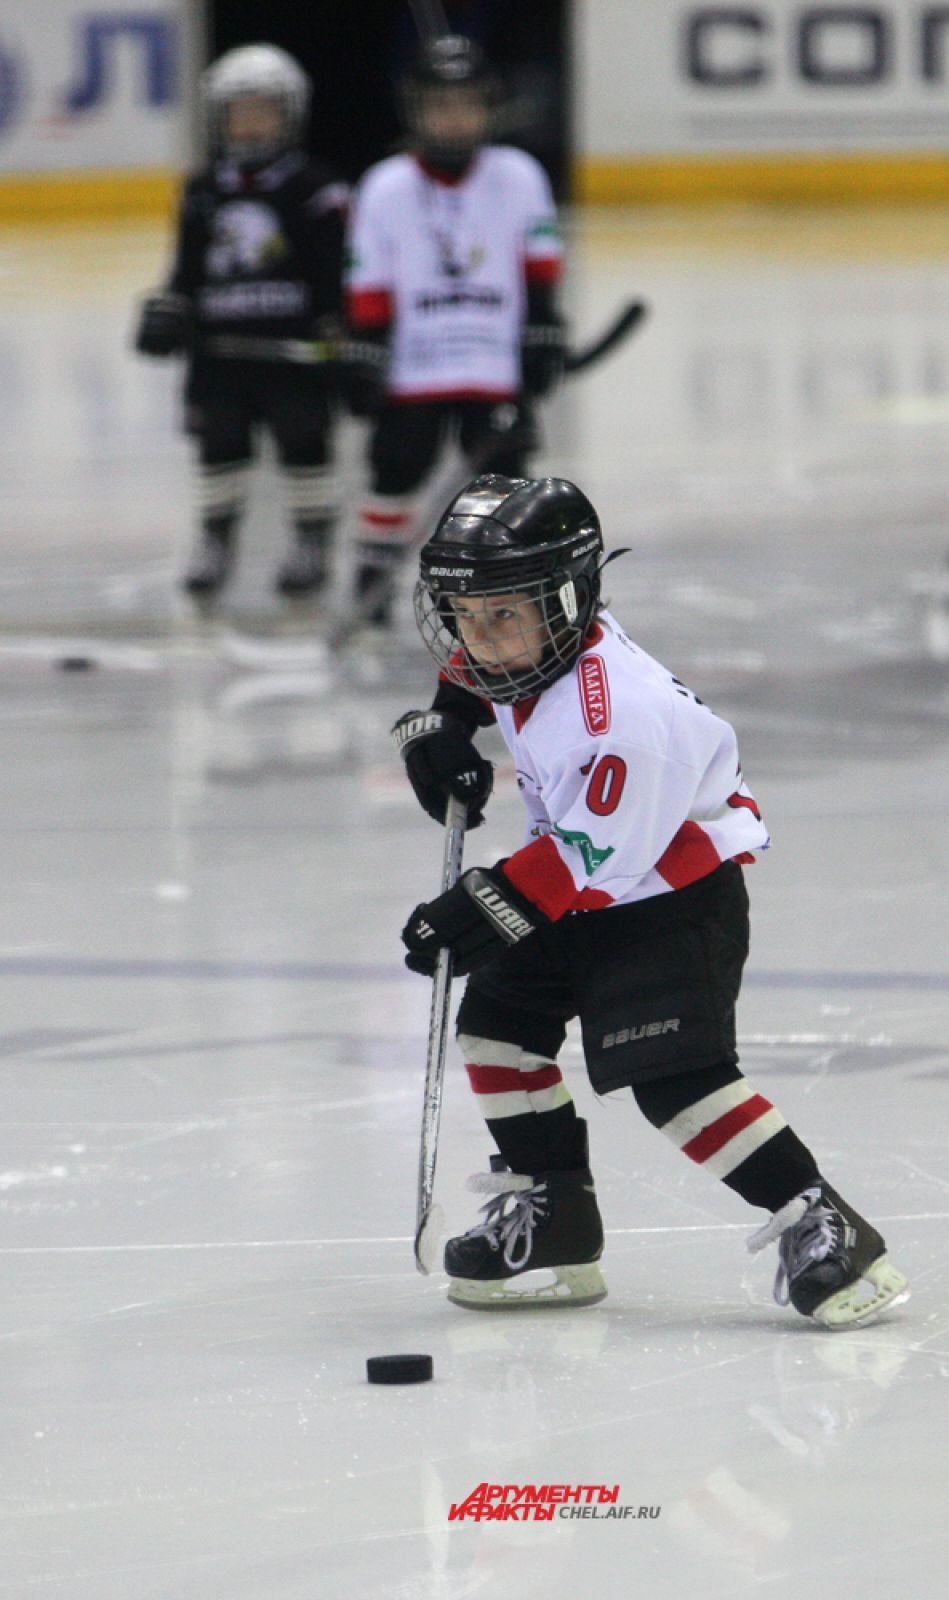 В перерыве юные хоккеисты пробивали буллиты